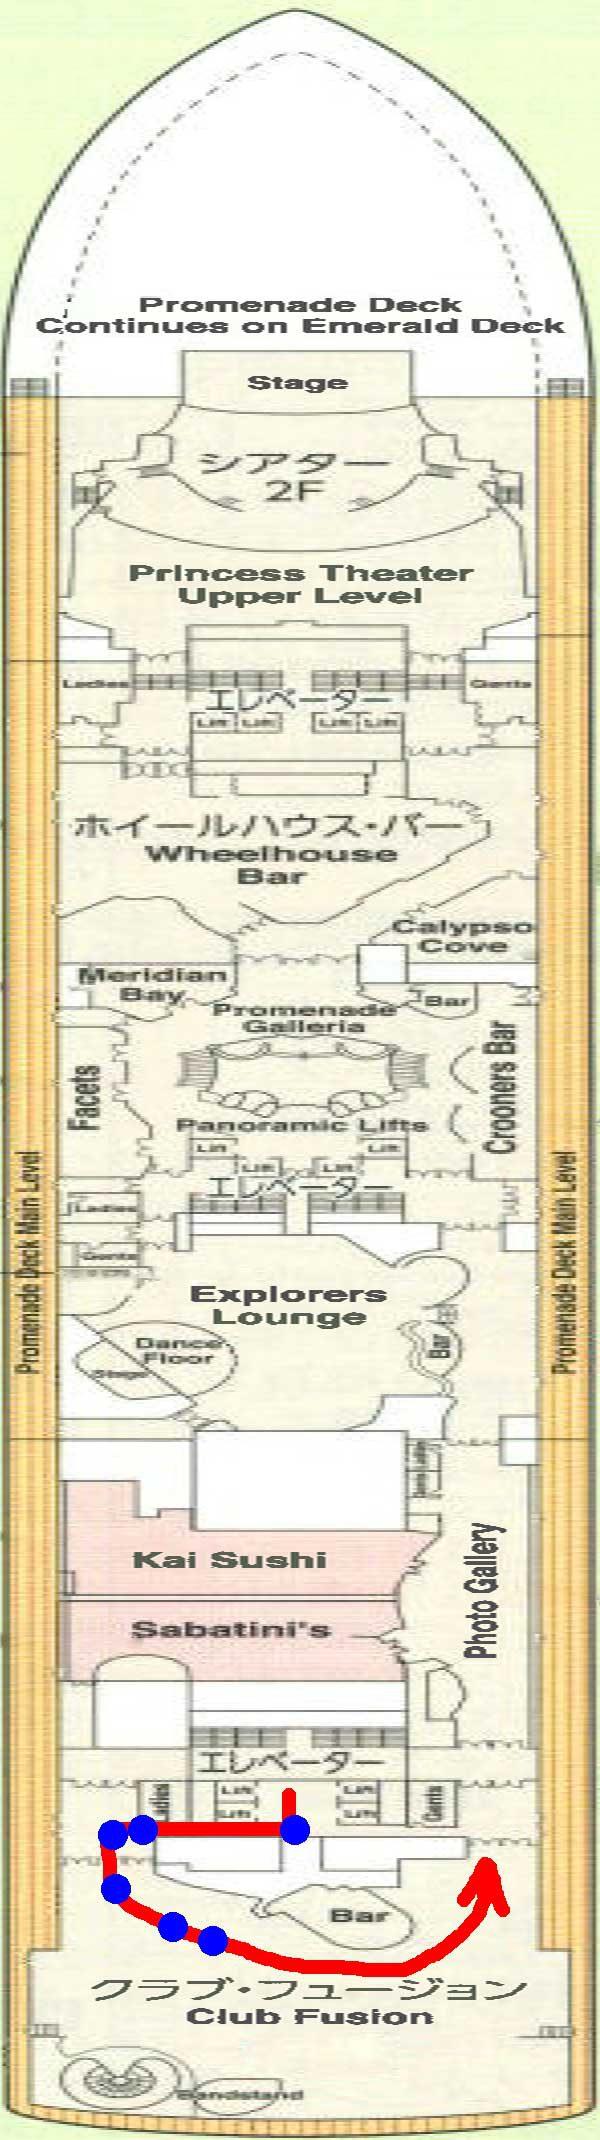 7階船内地図クラブフュージョン